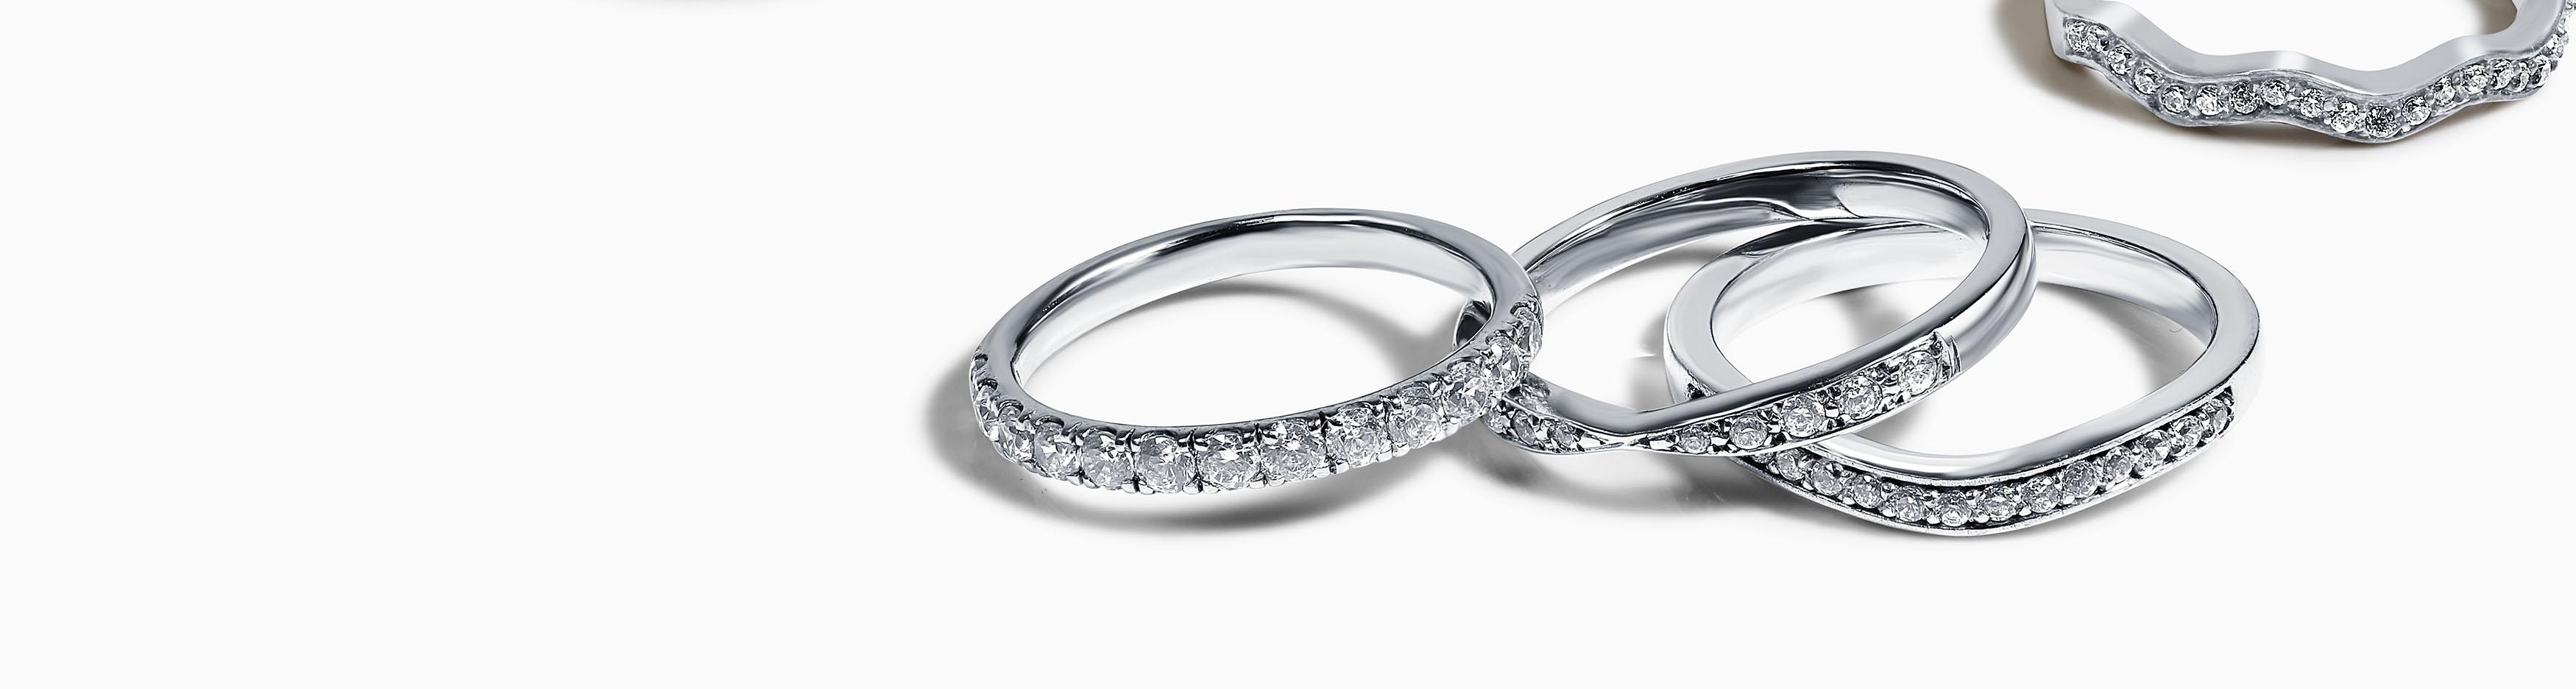 Platinum Diamond Wedding Rings